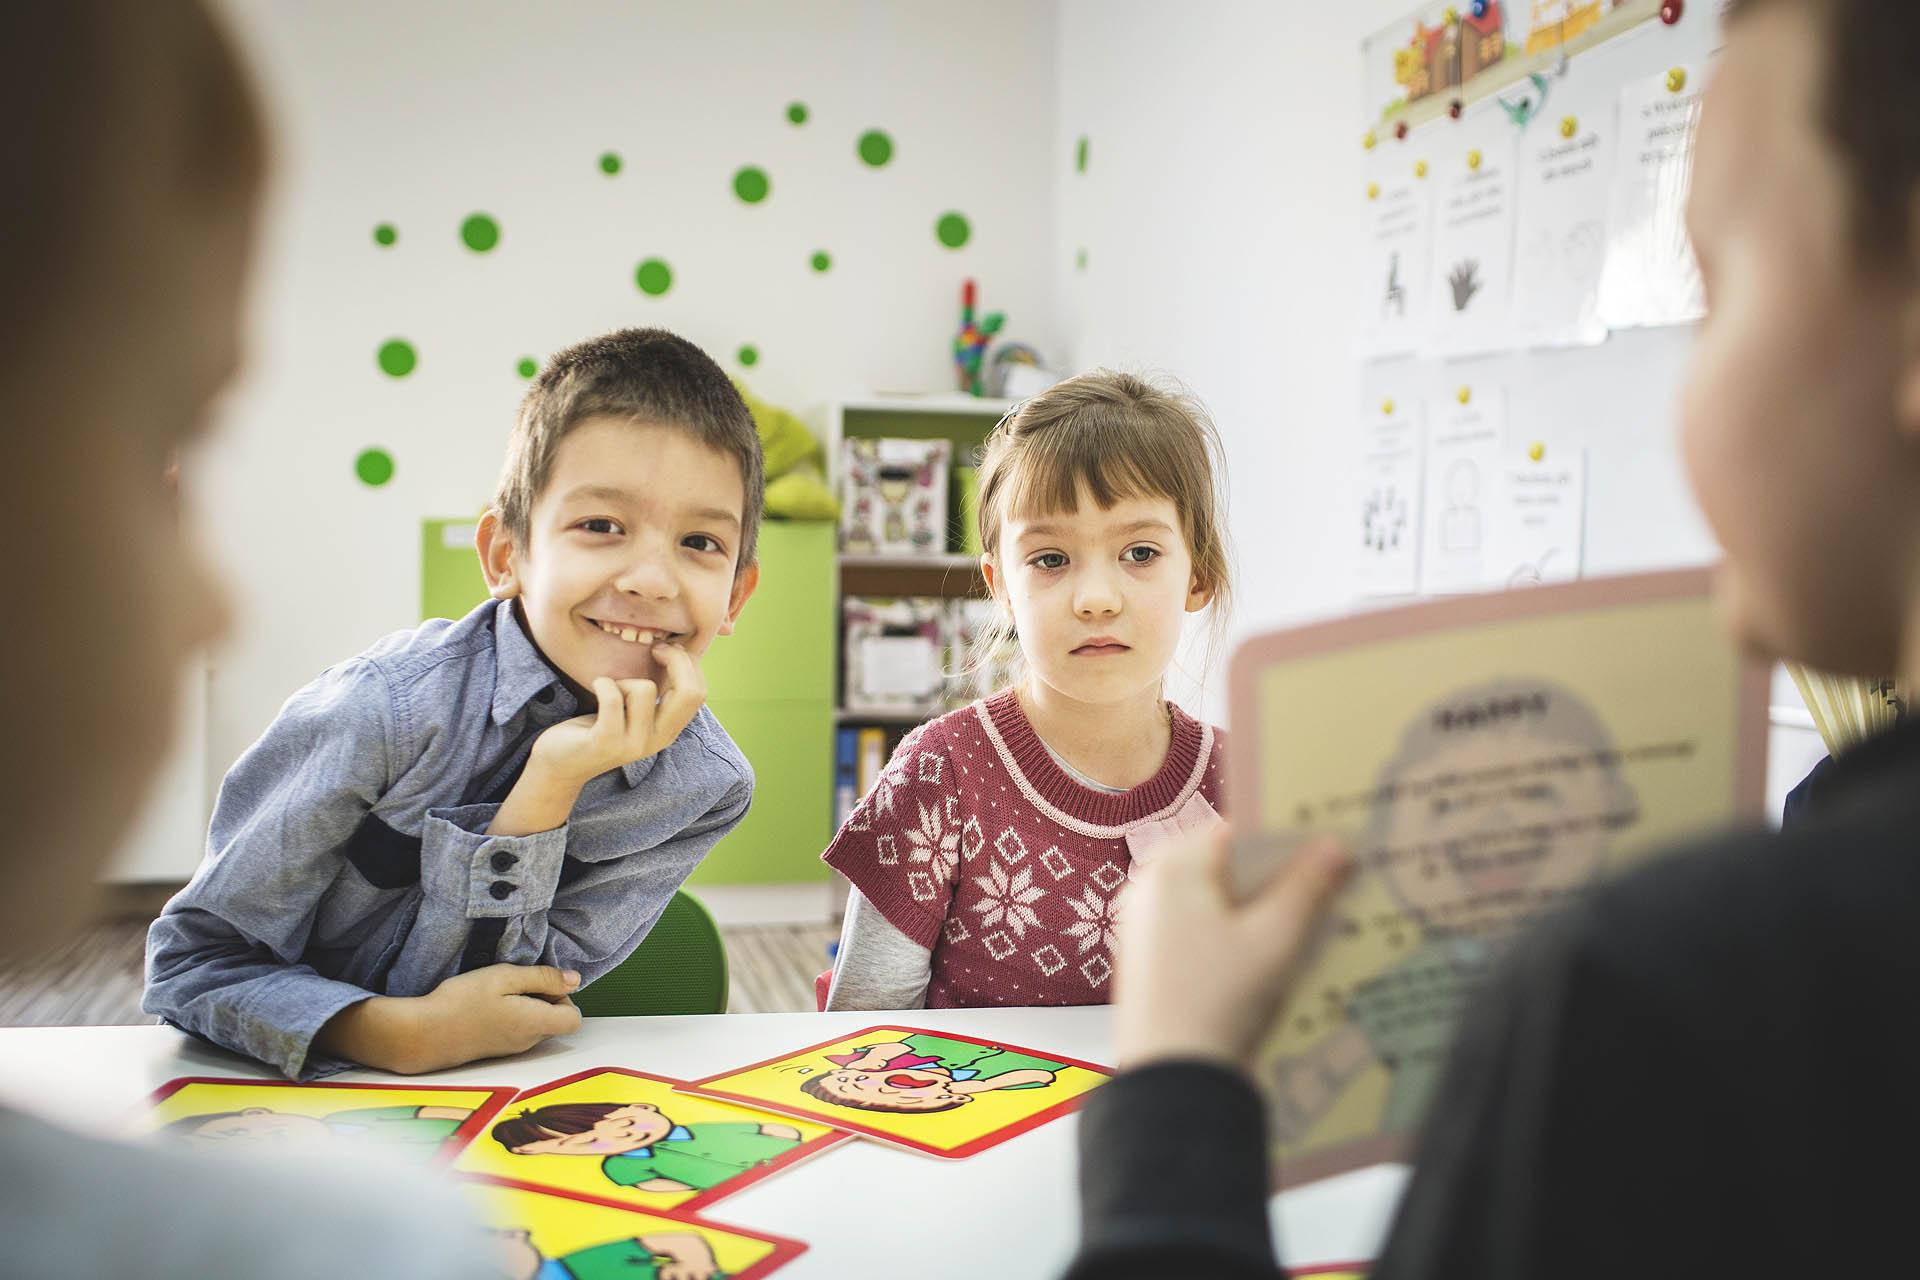 Zespół Aspergera Image: Terapia Grupowa - Trening Umiejętności Społecznych